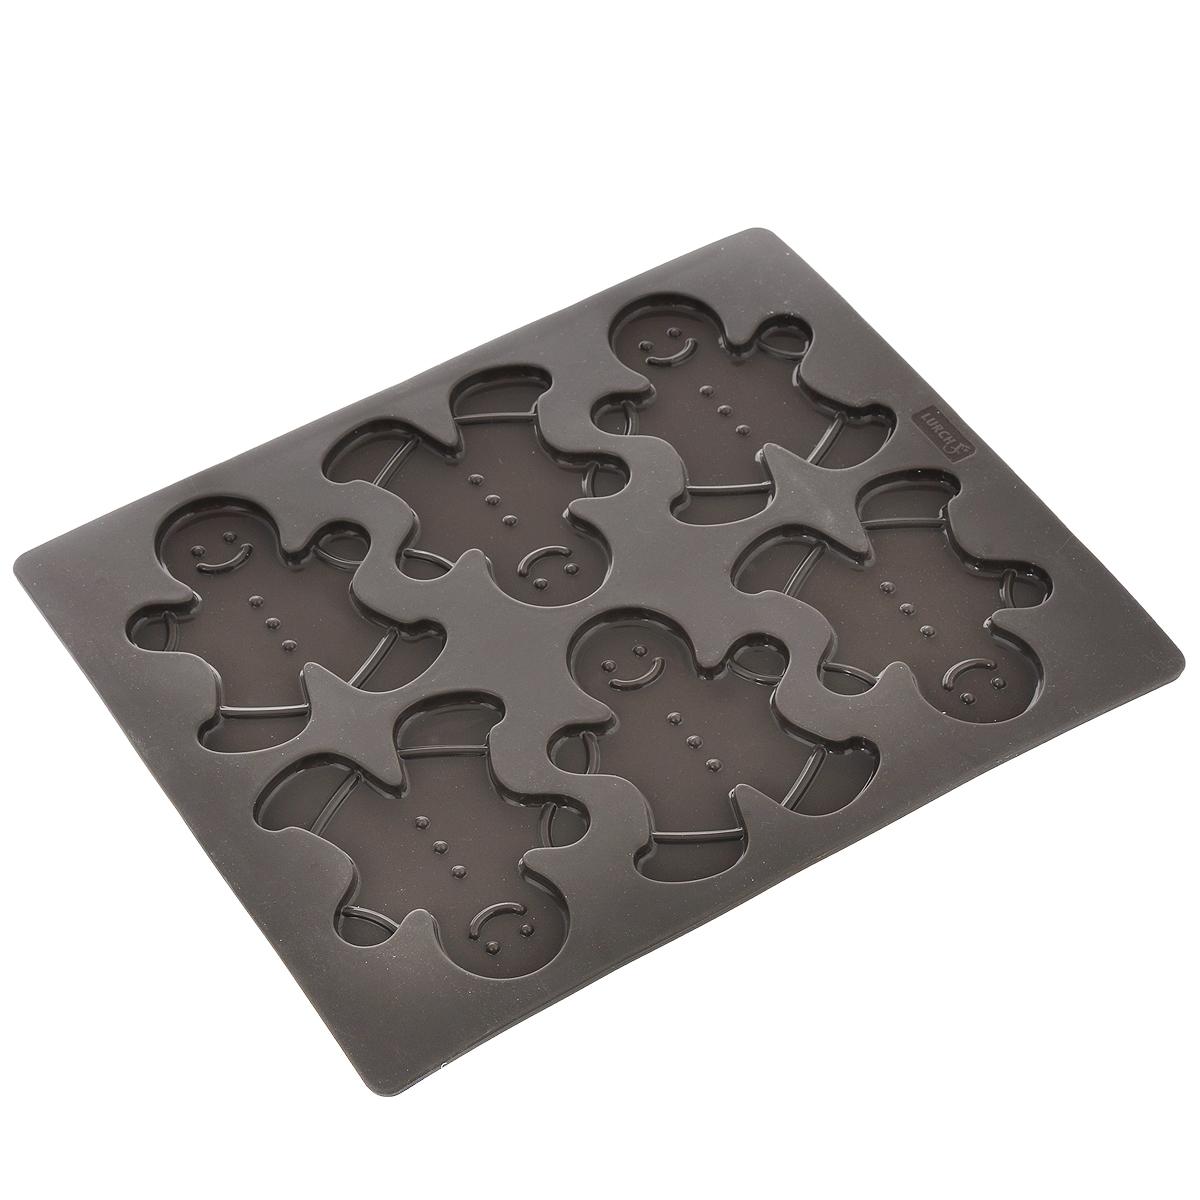 Форма для выпечки Lurch Flexi Form, цвет: коричневый, 6 ячеекFS-91909Форма Lurch Flexi Form будет отличным выбором для всех любителей выпечки. Благодаря тому, что форма изготовлена из платинового силикона, готовую выпечку вынимать легко и просто. Изделие выполнено в форме прямоугольника с 6 ячейками в виде человечков. Форма прекрасно подойдет для выпечки печенья. Хорошие энергетические показатели позволяют снизить температуру выпекания примерно на 10%. Поэтому время выпекания и температура всегда выбираются для вашей печи.Можно мыть в посудомоечной машине, использовать в морозильной камере до температуры -40°C. Количество ячеек: 6 шт.Общий размер формы: 30 см х 24 см х 0,5 см.Размер ячейки: 8,9 см х 10,5 см х 0,5 см.